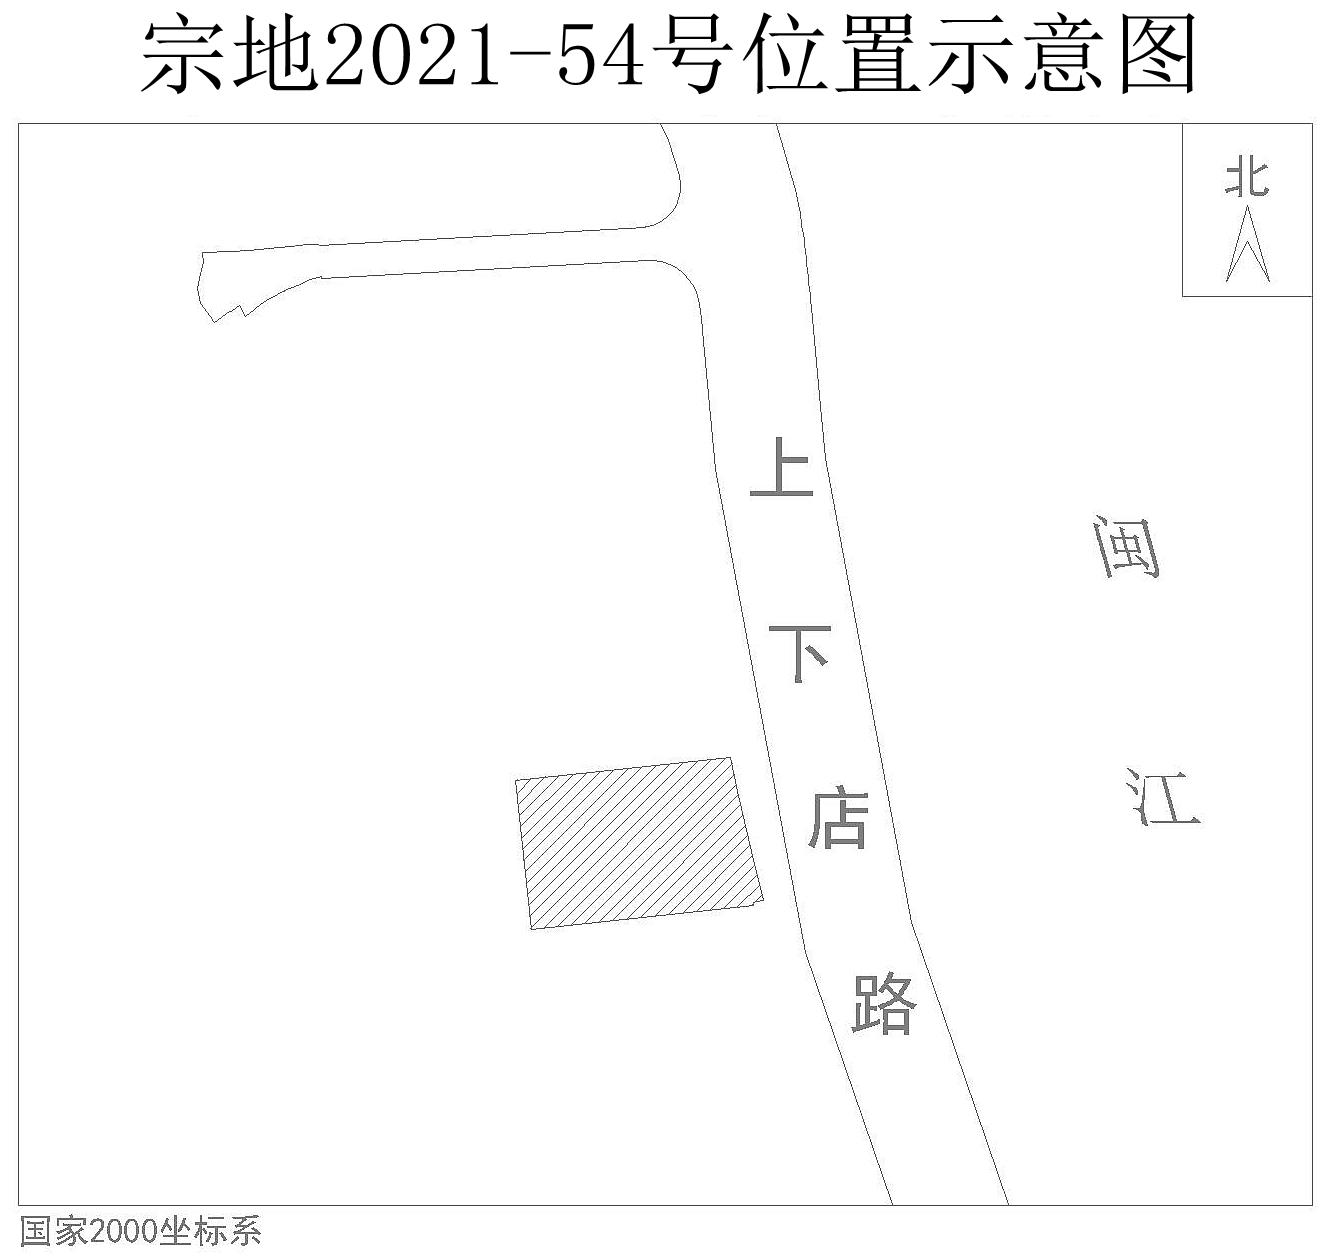 宗地2021-54号(结果)